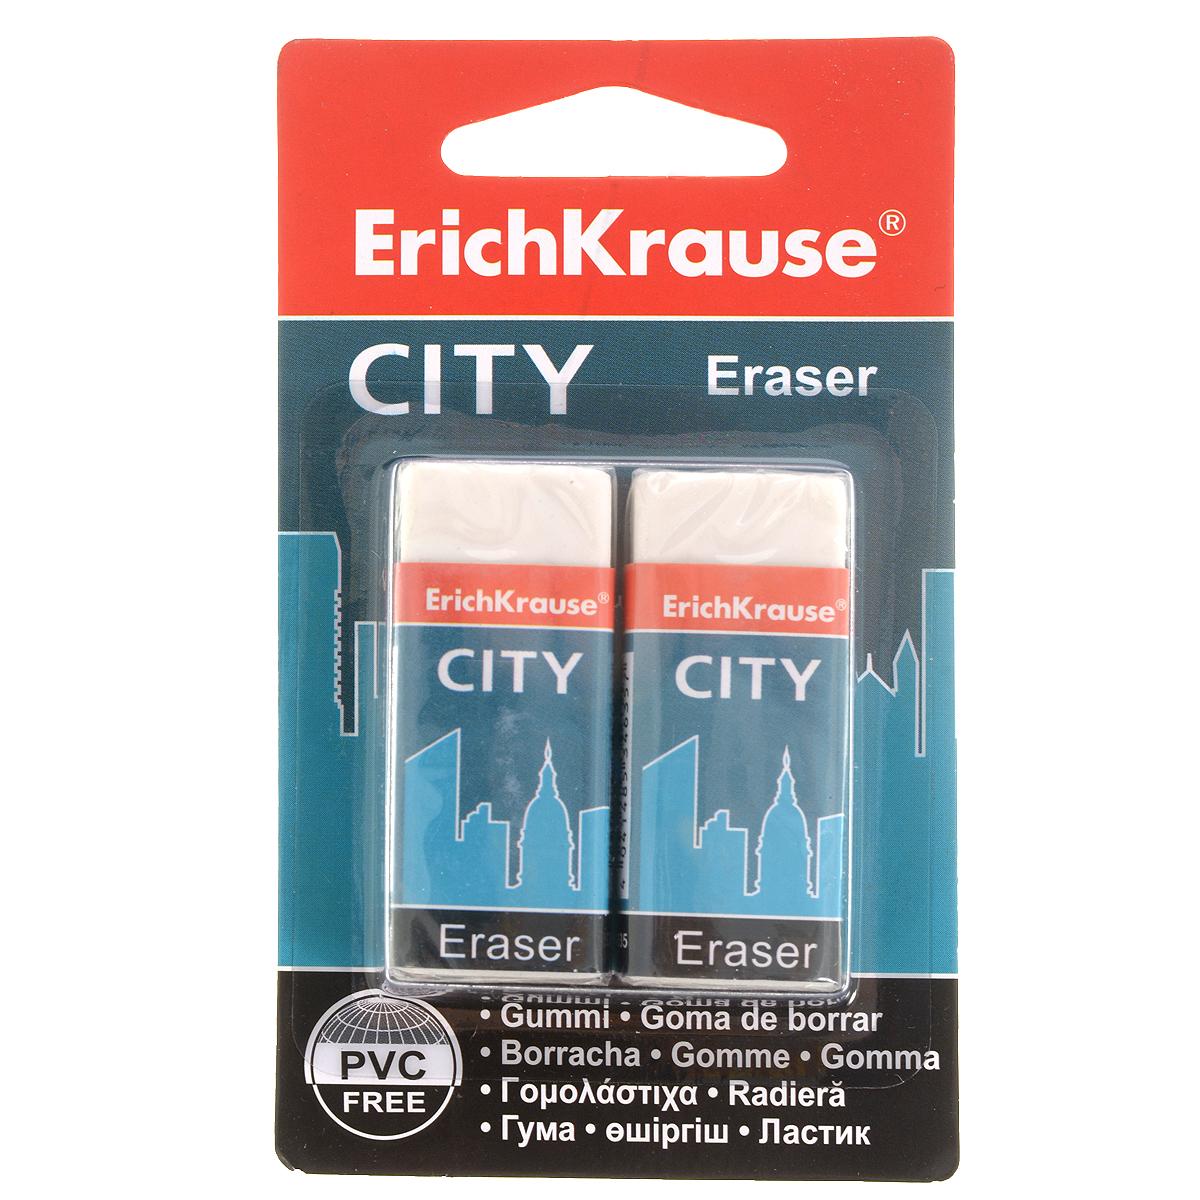 Набор ластиков Erich Krause City, 2 шт72523WDНабор ластиков Erich Krause City станет незаменимым аксессуаром на рабочем столе не только школьника или студента, но и офисного работника.